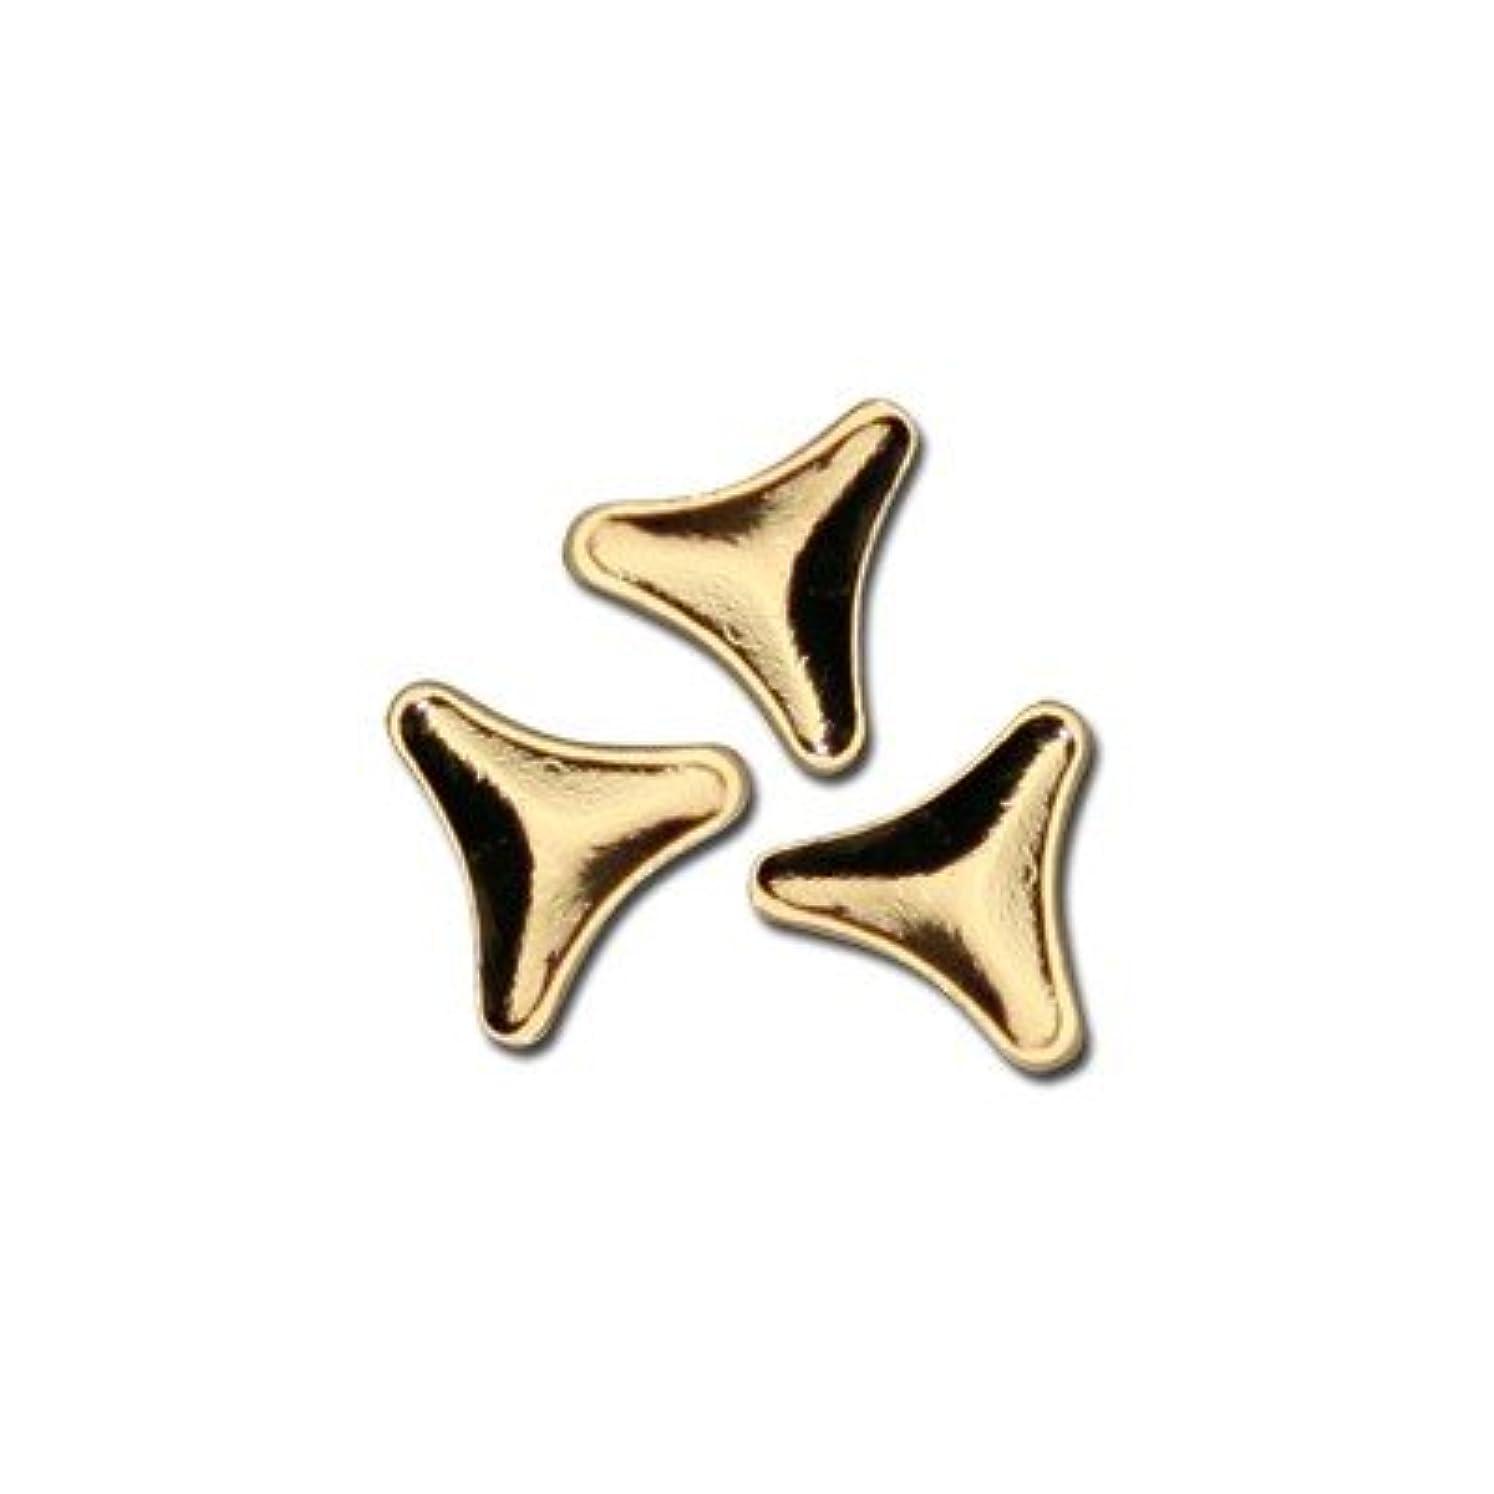 ソーセージぺディカブ考案するピアドラ スタッズ トライアングルマーク 3mm 50P ゴールド